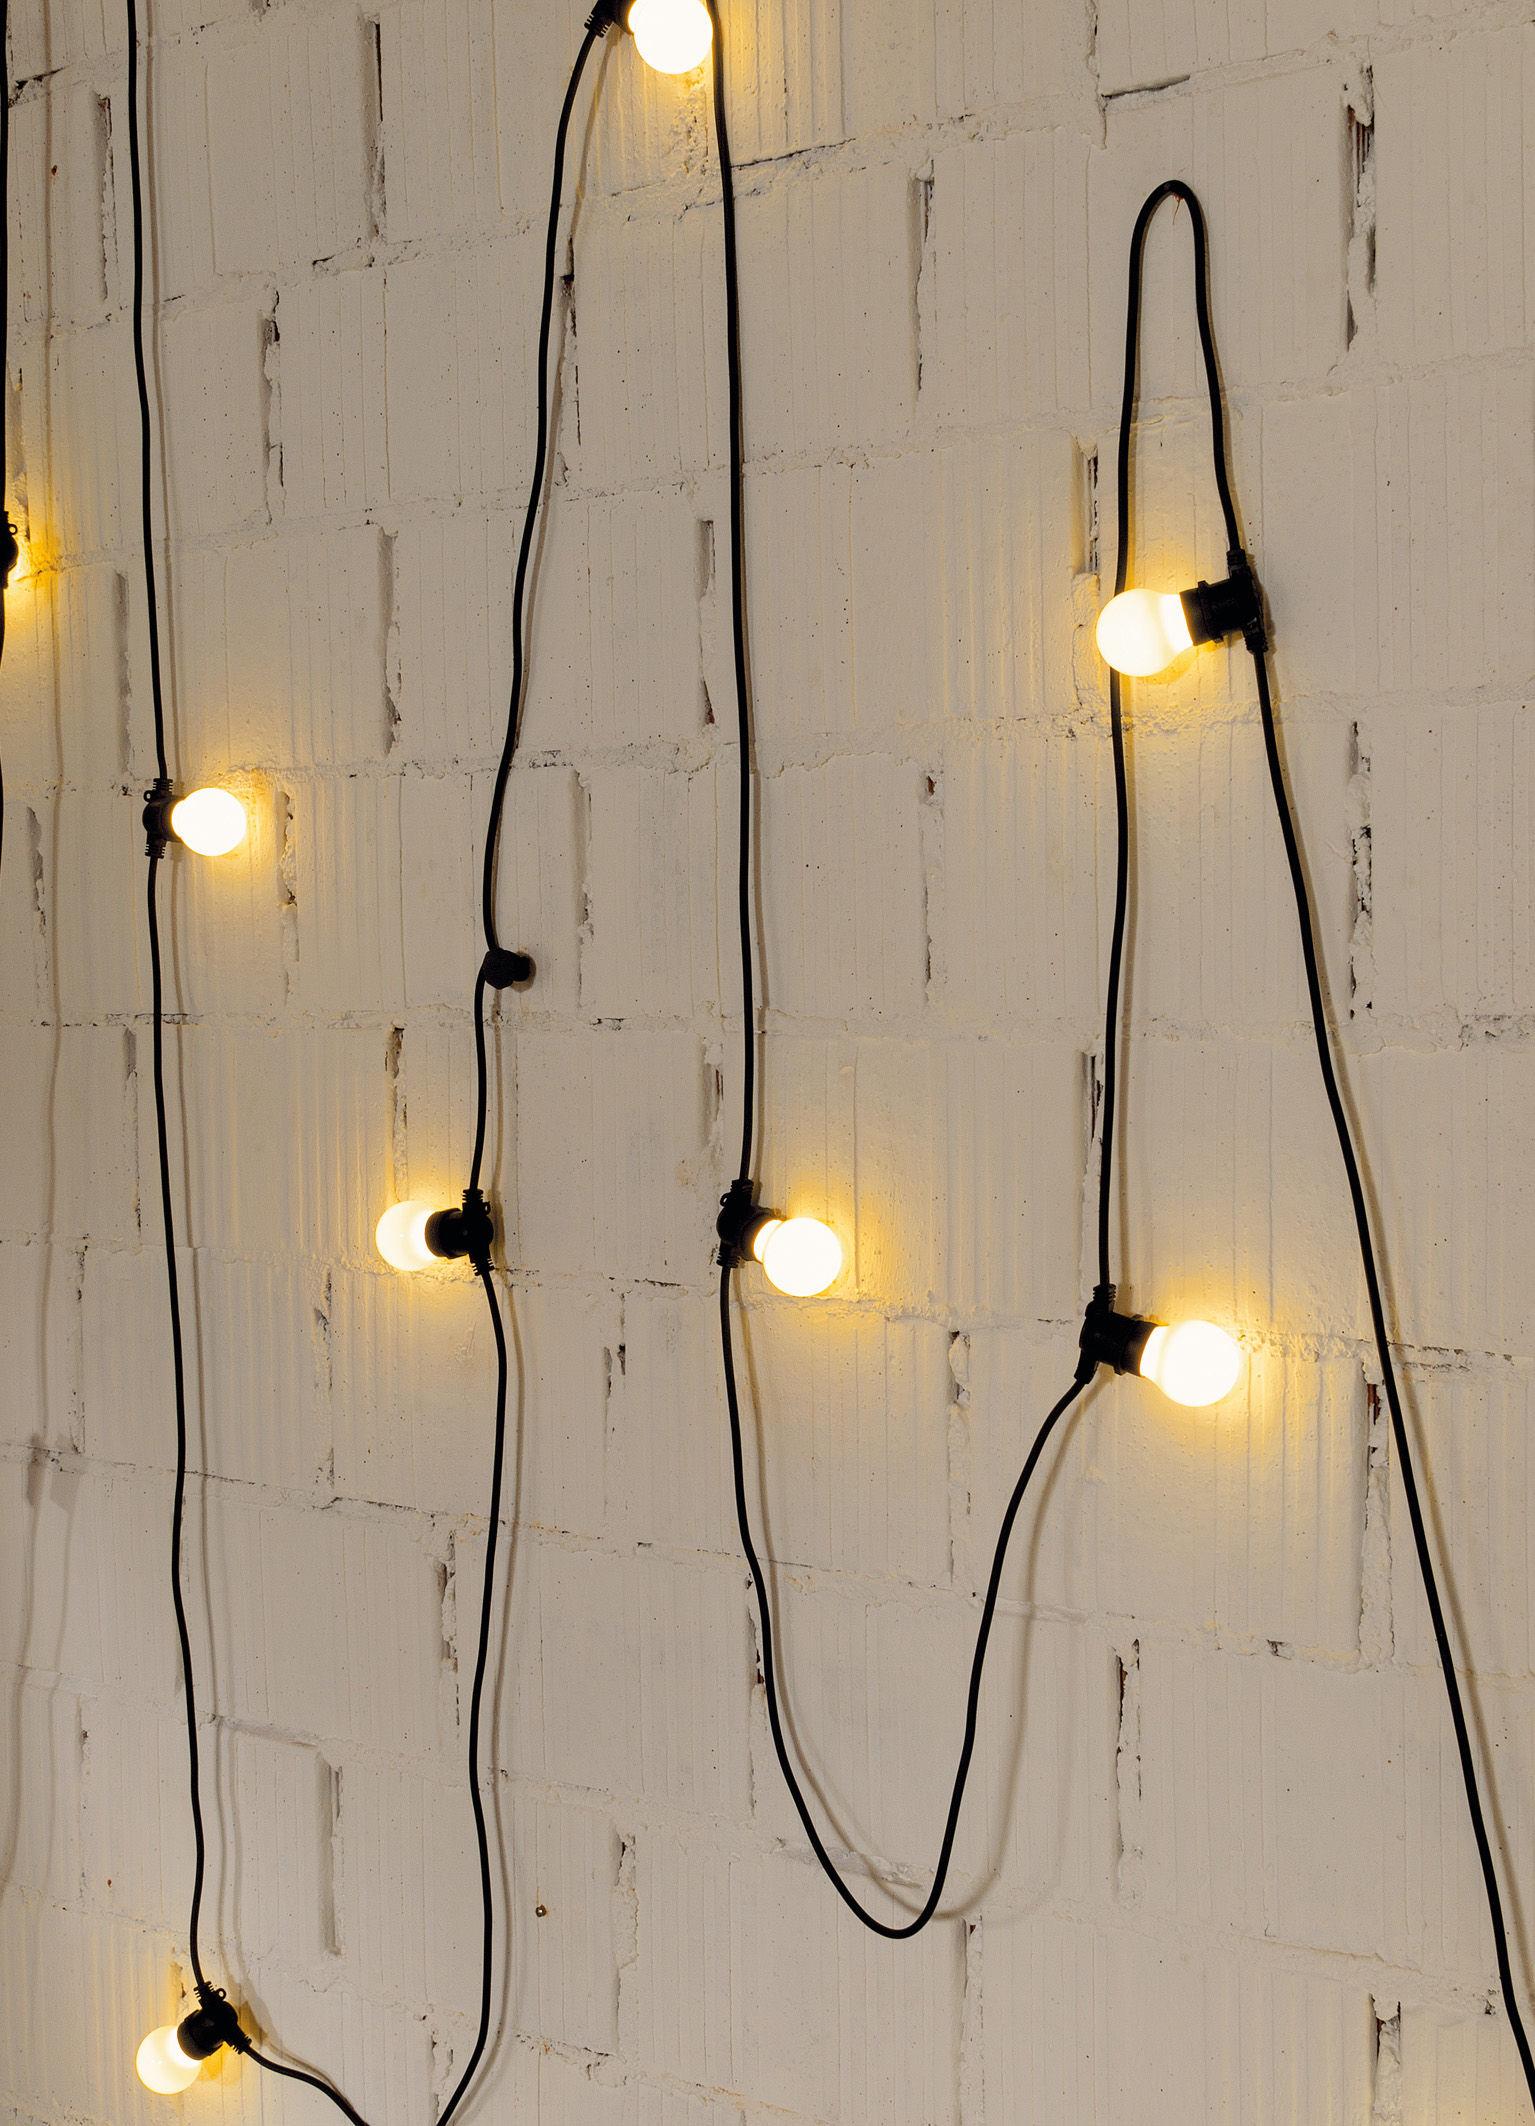 guirlande lumineuse bella vista led pour l 39 ext rieur c ble noir ampoules blanches seletti. Black Bedroom Furniture Sets. Home Design Ideas